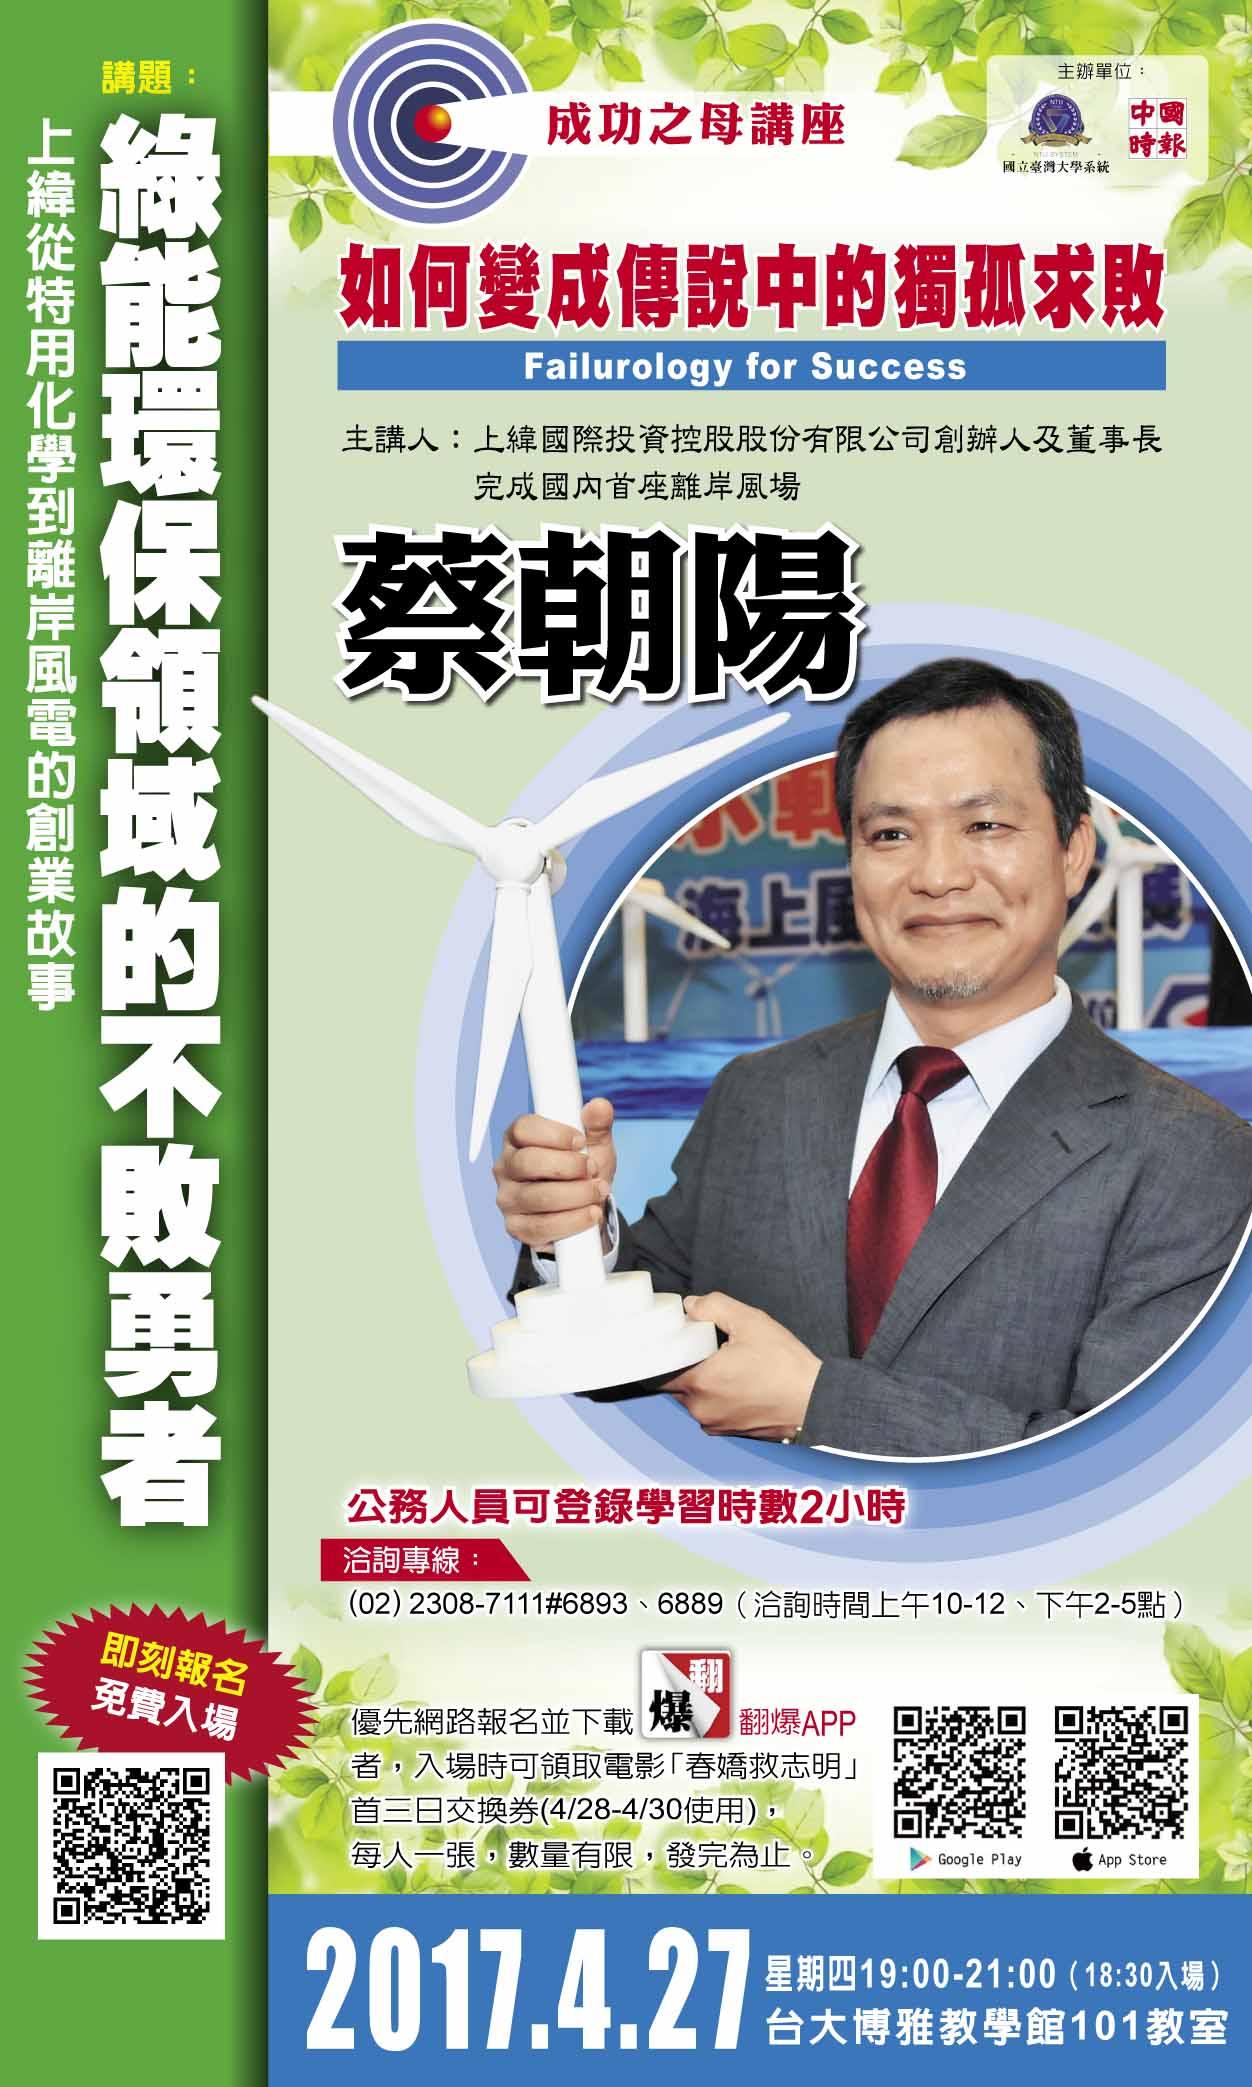 蔡朝陽poster